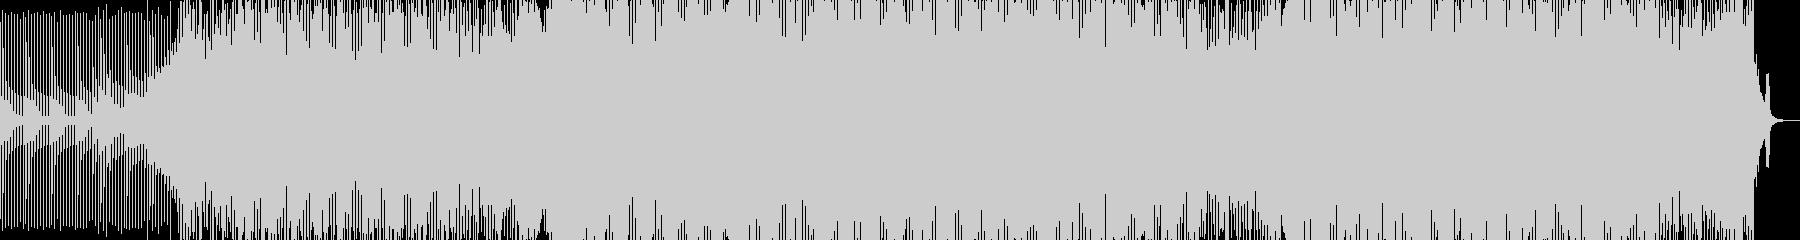 疾走感溢れる、カッコいいアシッドテクノの未再生の波形